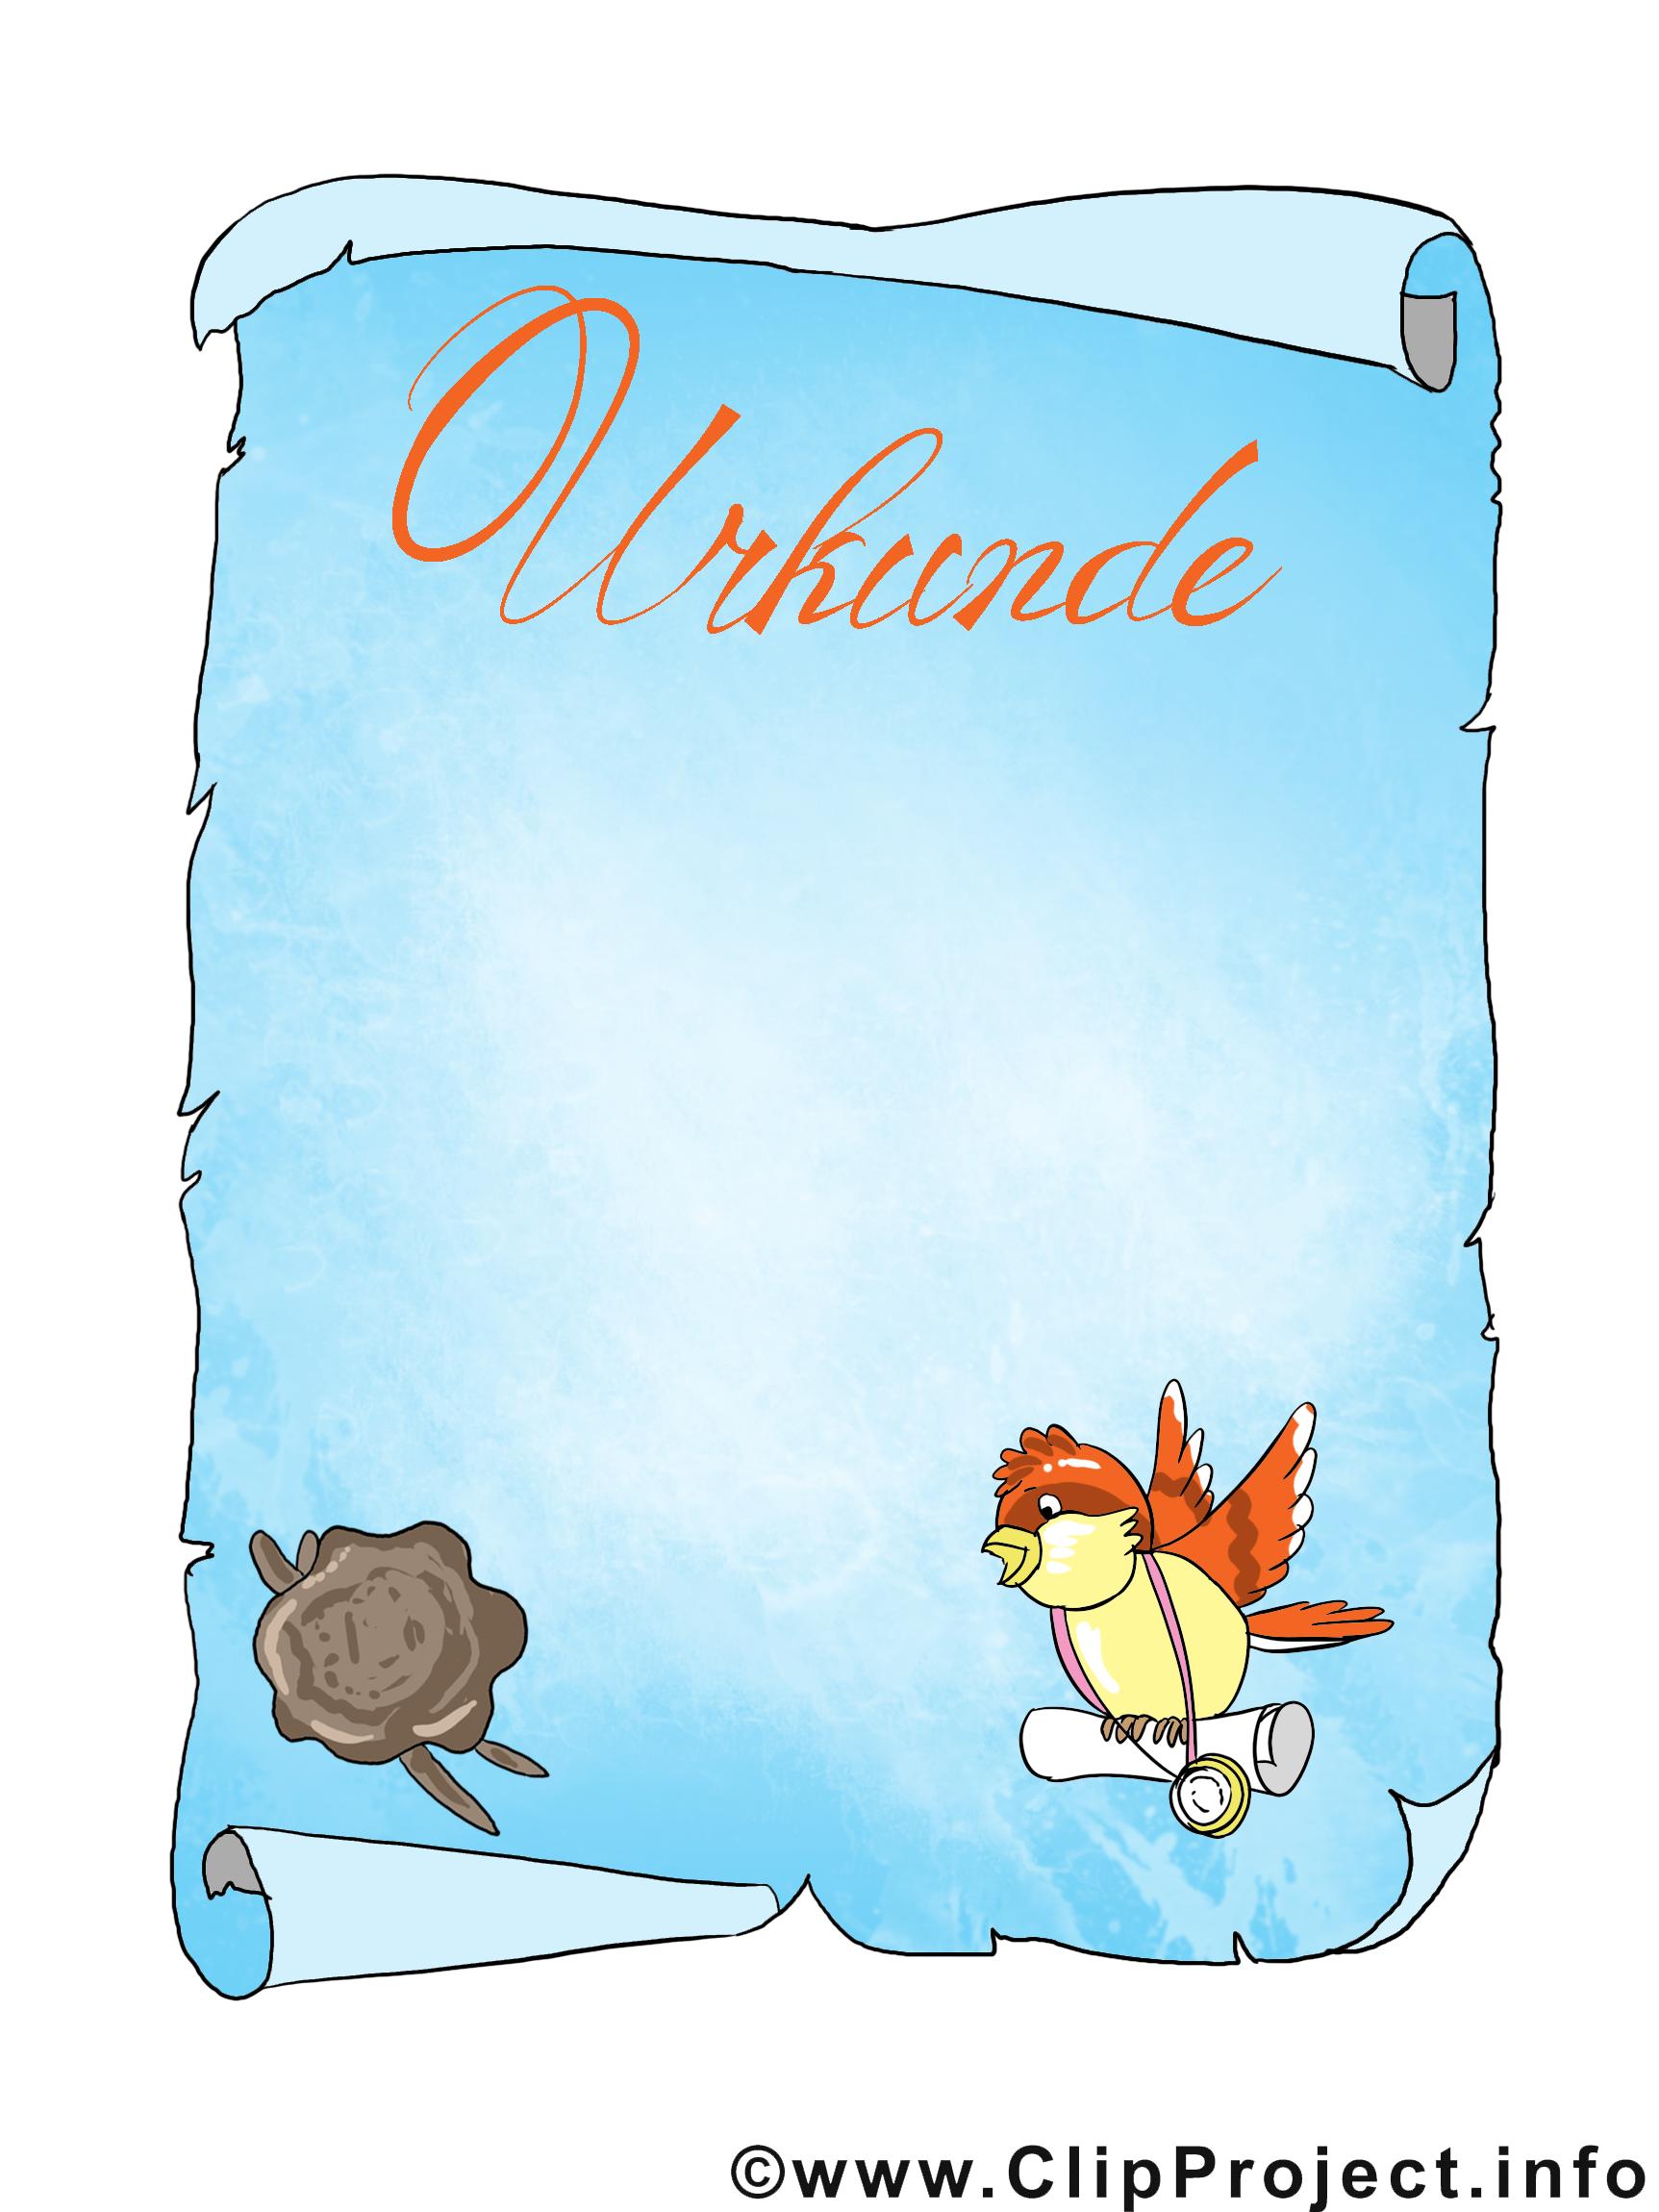 Tolle Zeichnungsvorlage Für Kinder Ideen - Malvorlagen Von Tieren ...